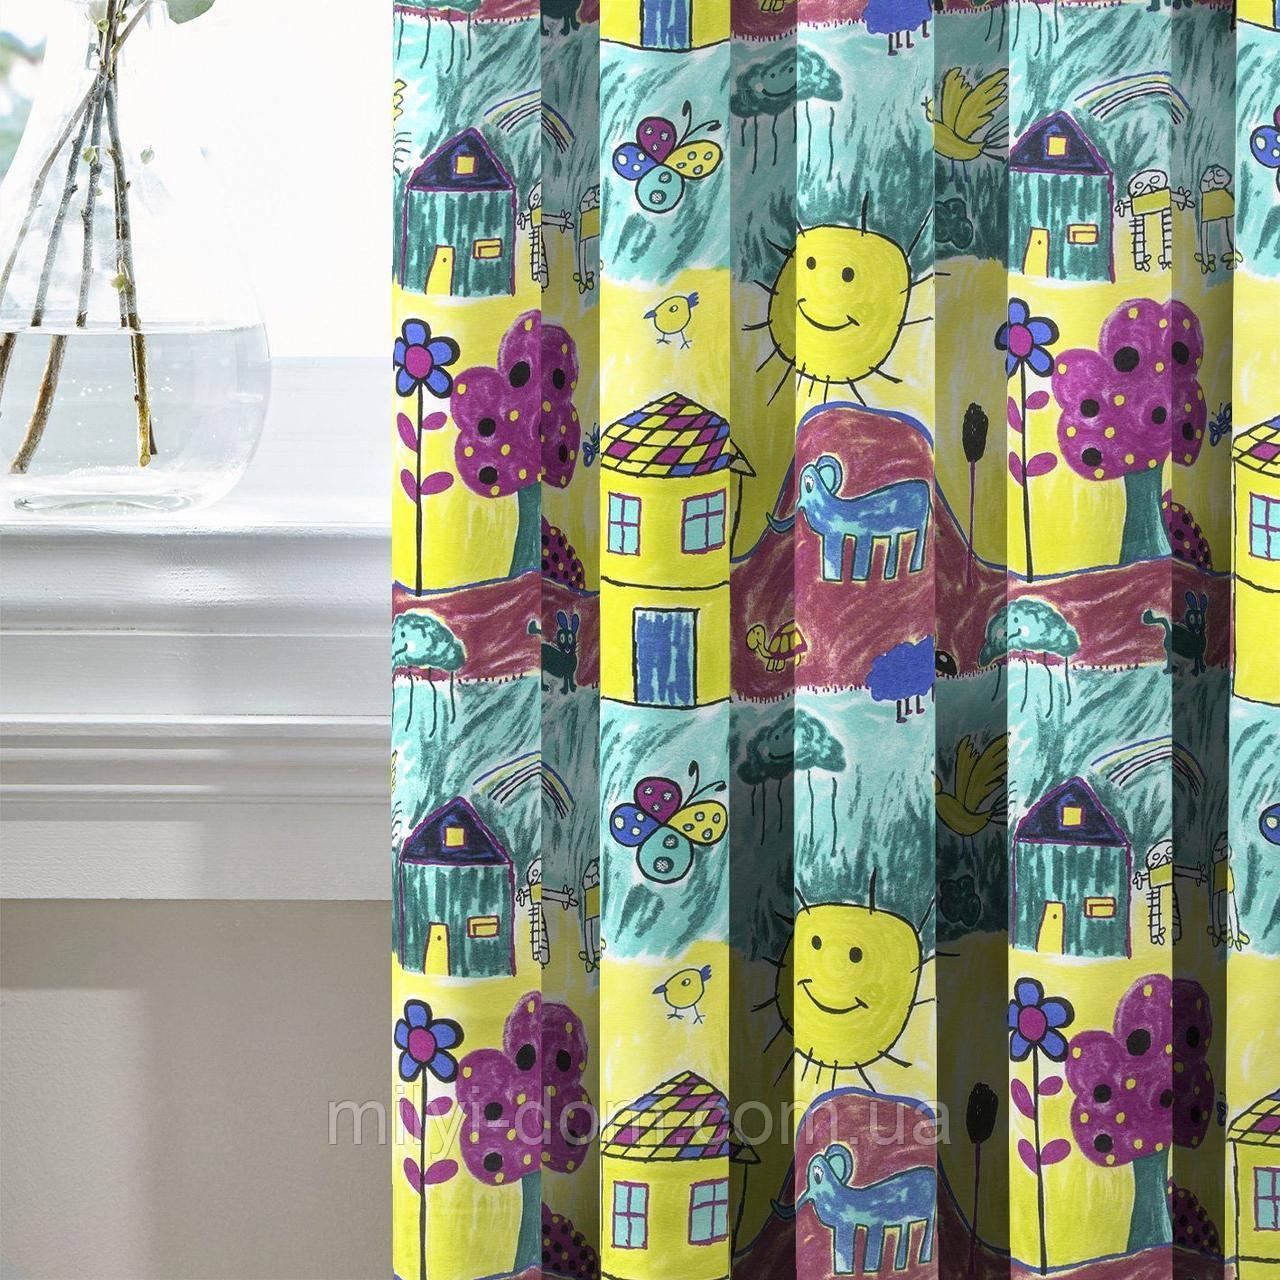 Комплект Декоративних Штор в дитячу Іспанія Дитячі малюнки, арт. MG-131288, 275*200 см